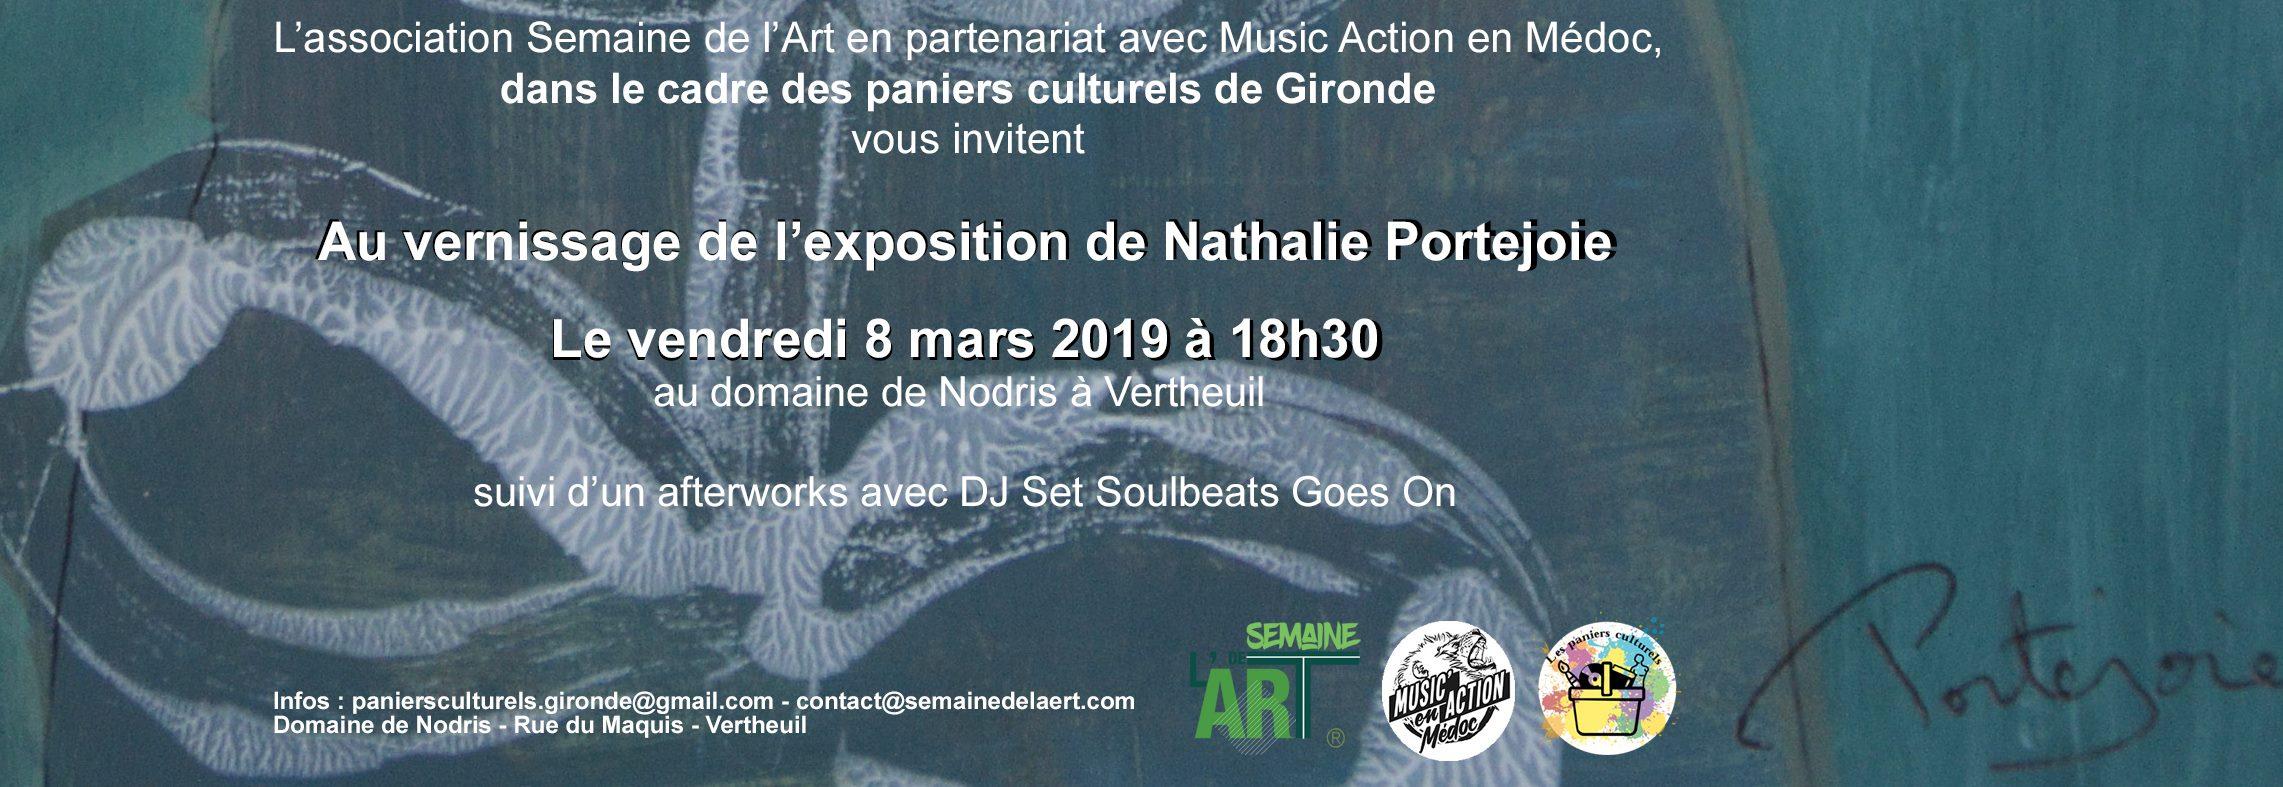 Vernissage exposition Nathalie Portejoie